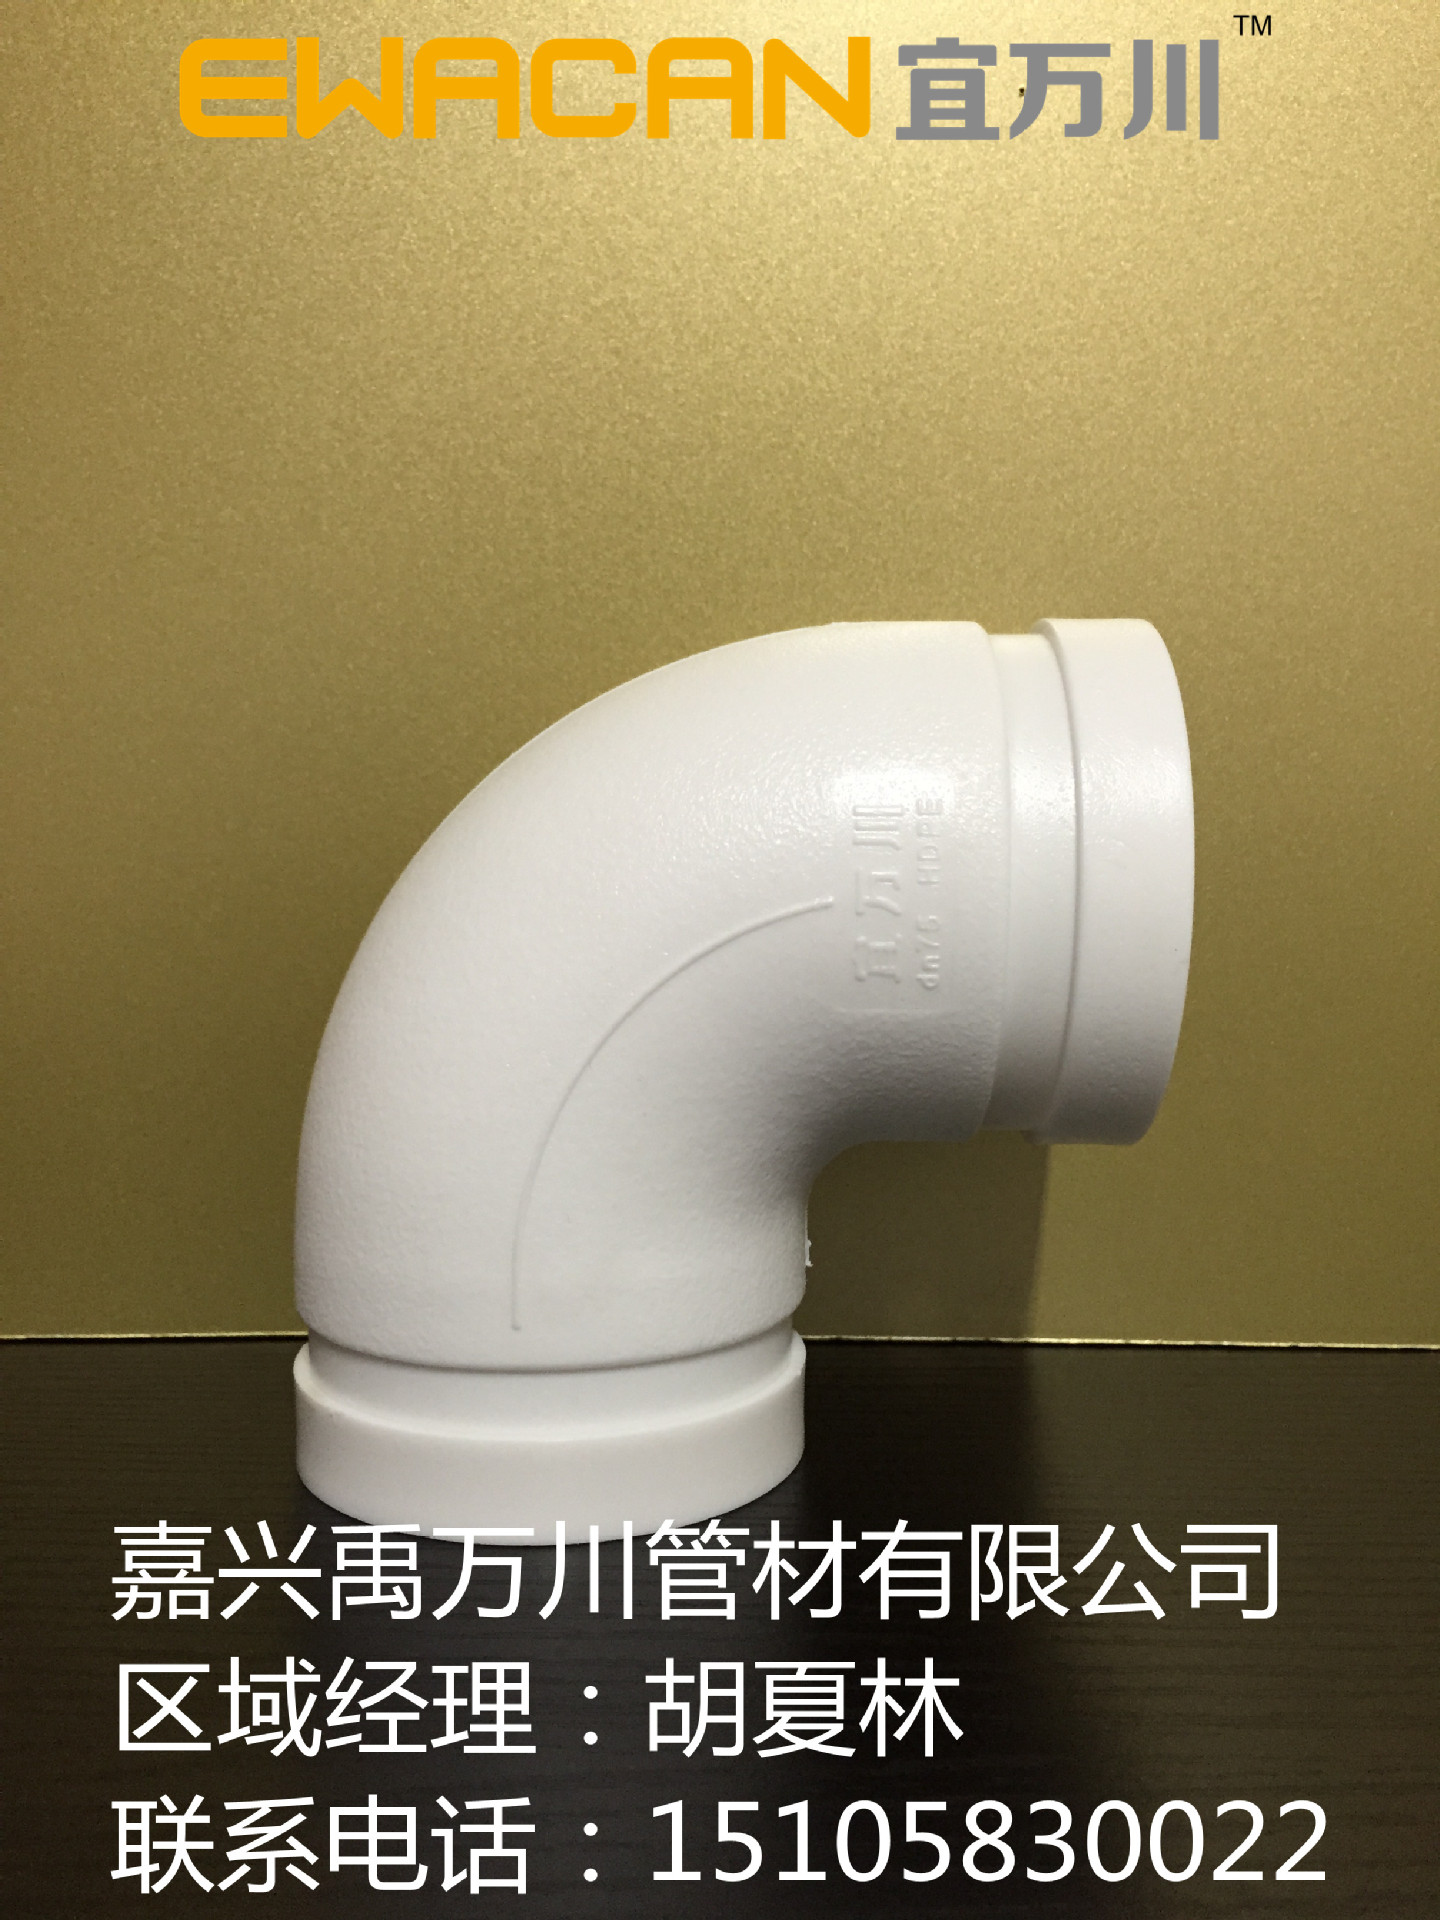 四川沟槽式HDPE超静音排水管,宜万川沟槽式90度弯头 ,沟槽管厂示例图6